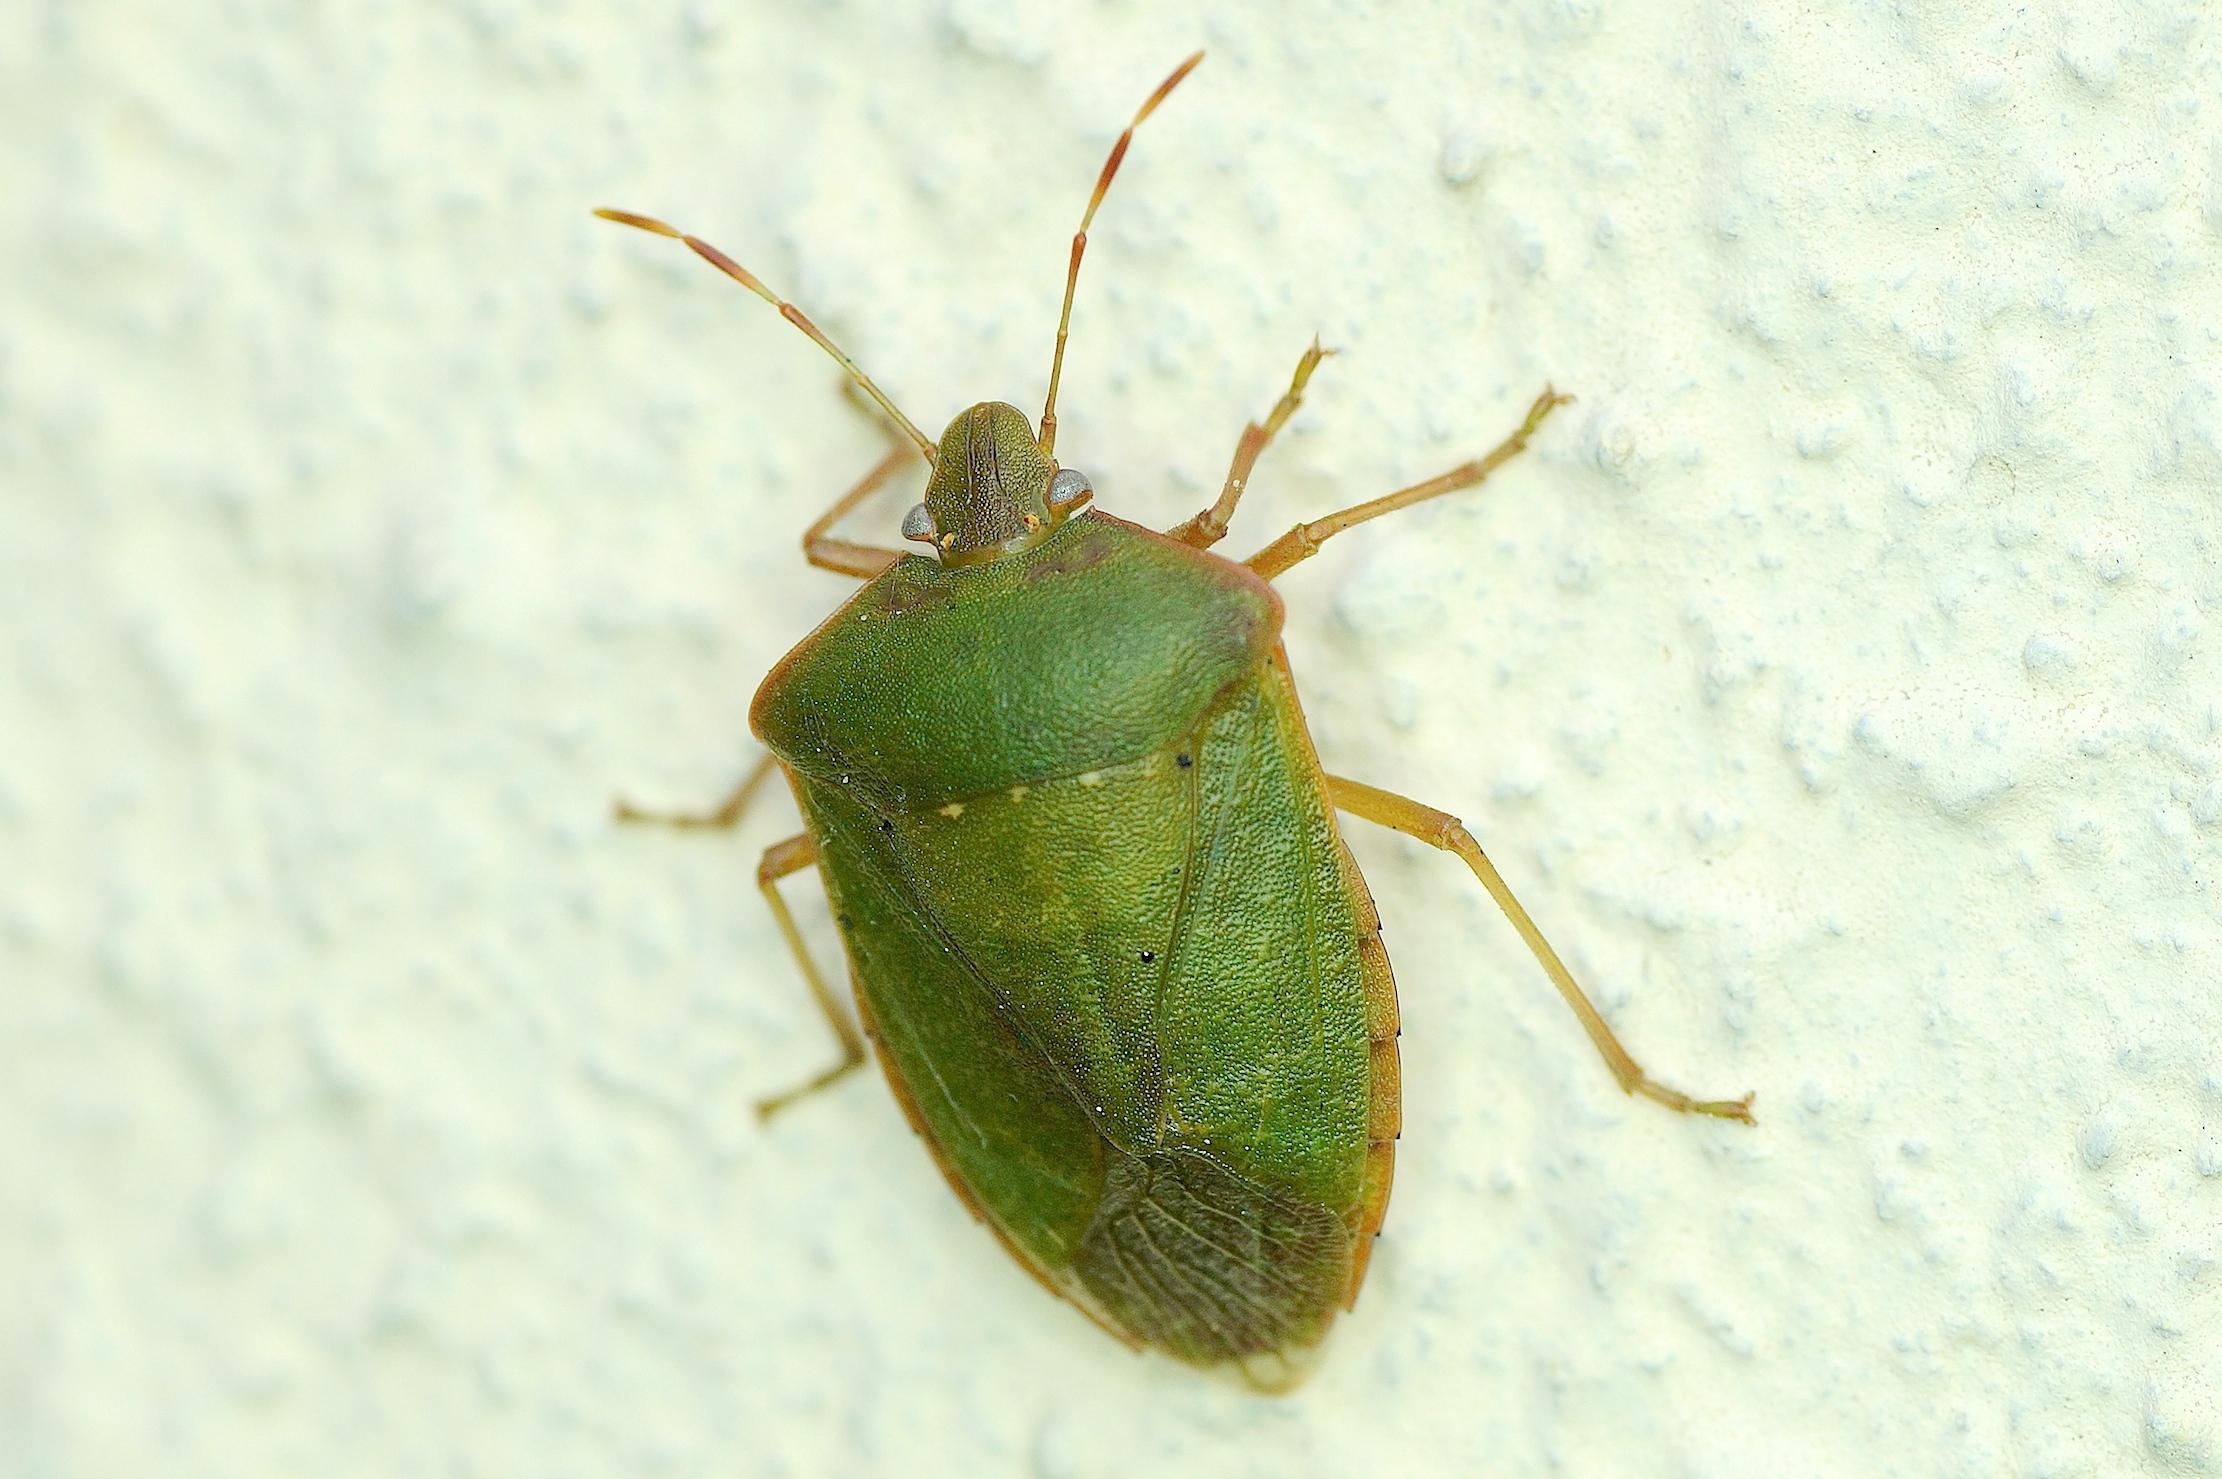 La punaise verte ponctu e quel est cet animal - Que mange les punaises ...